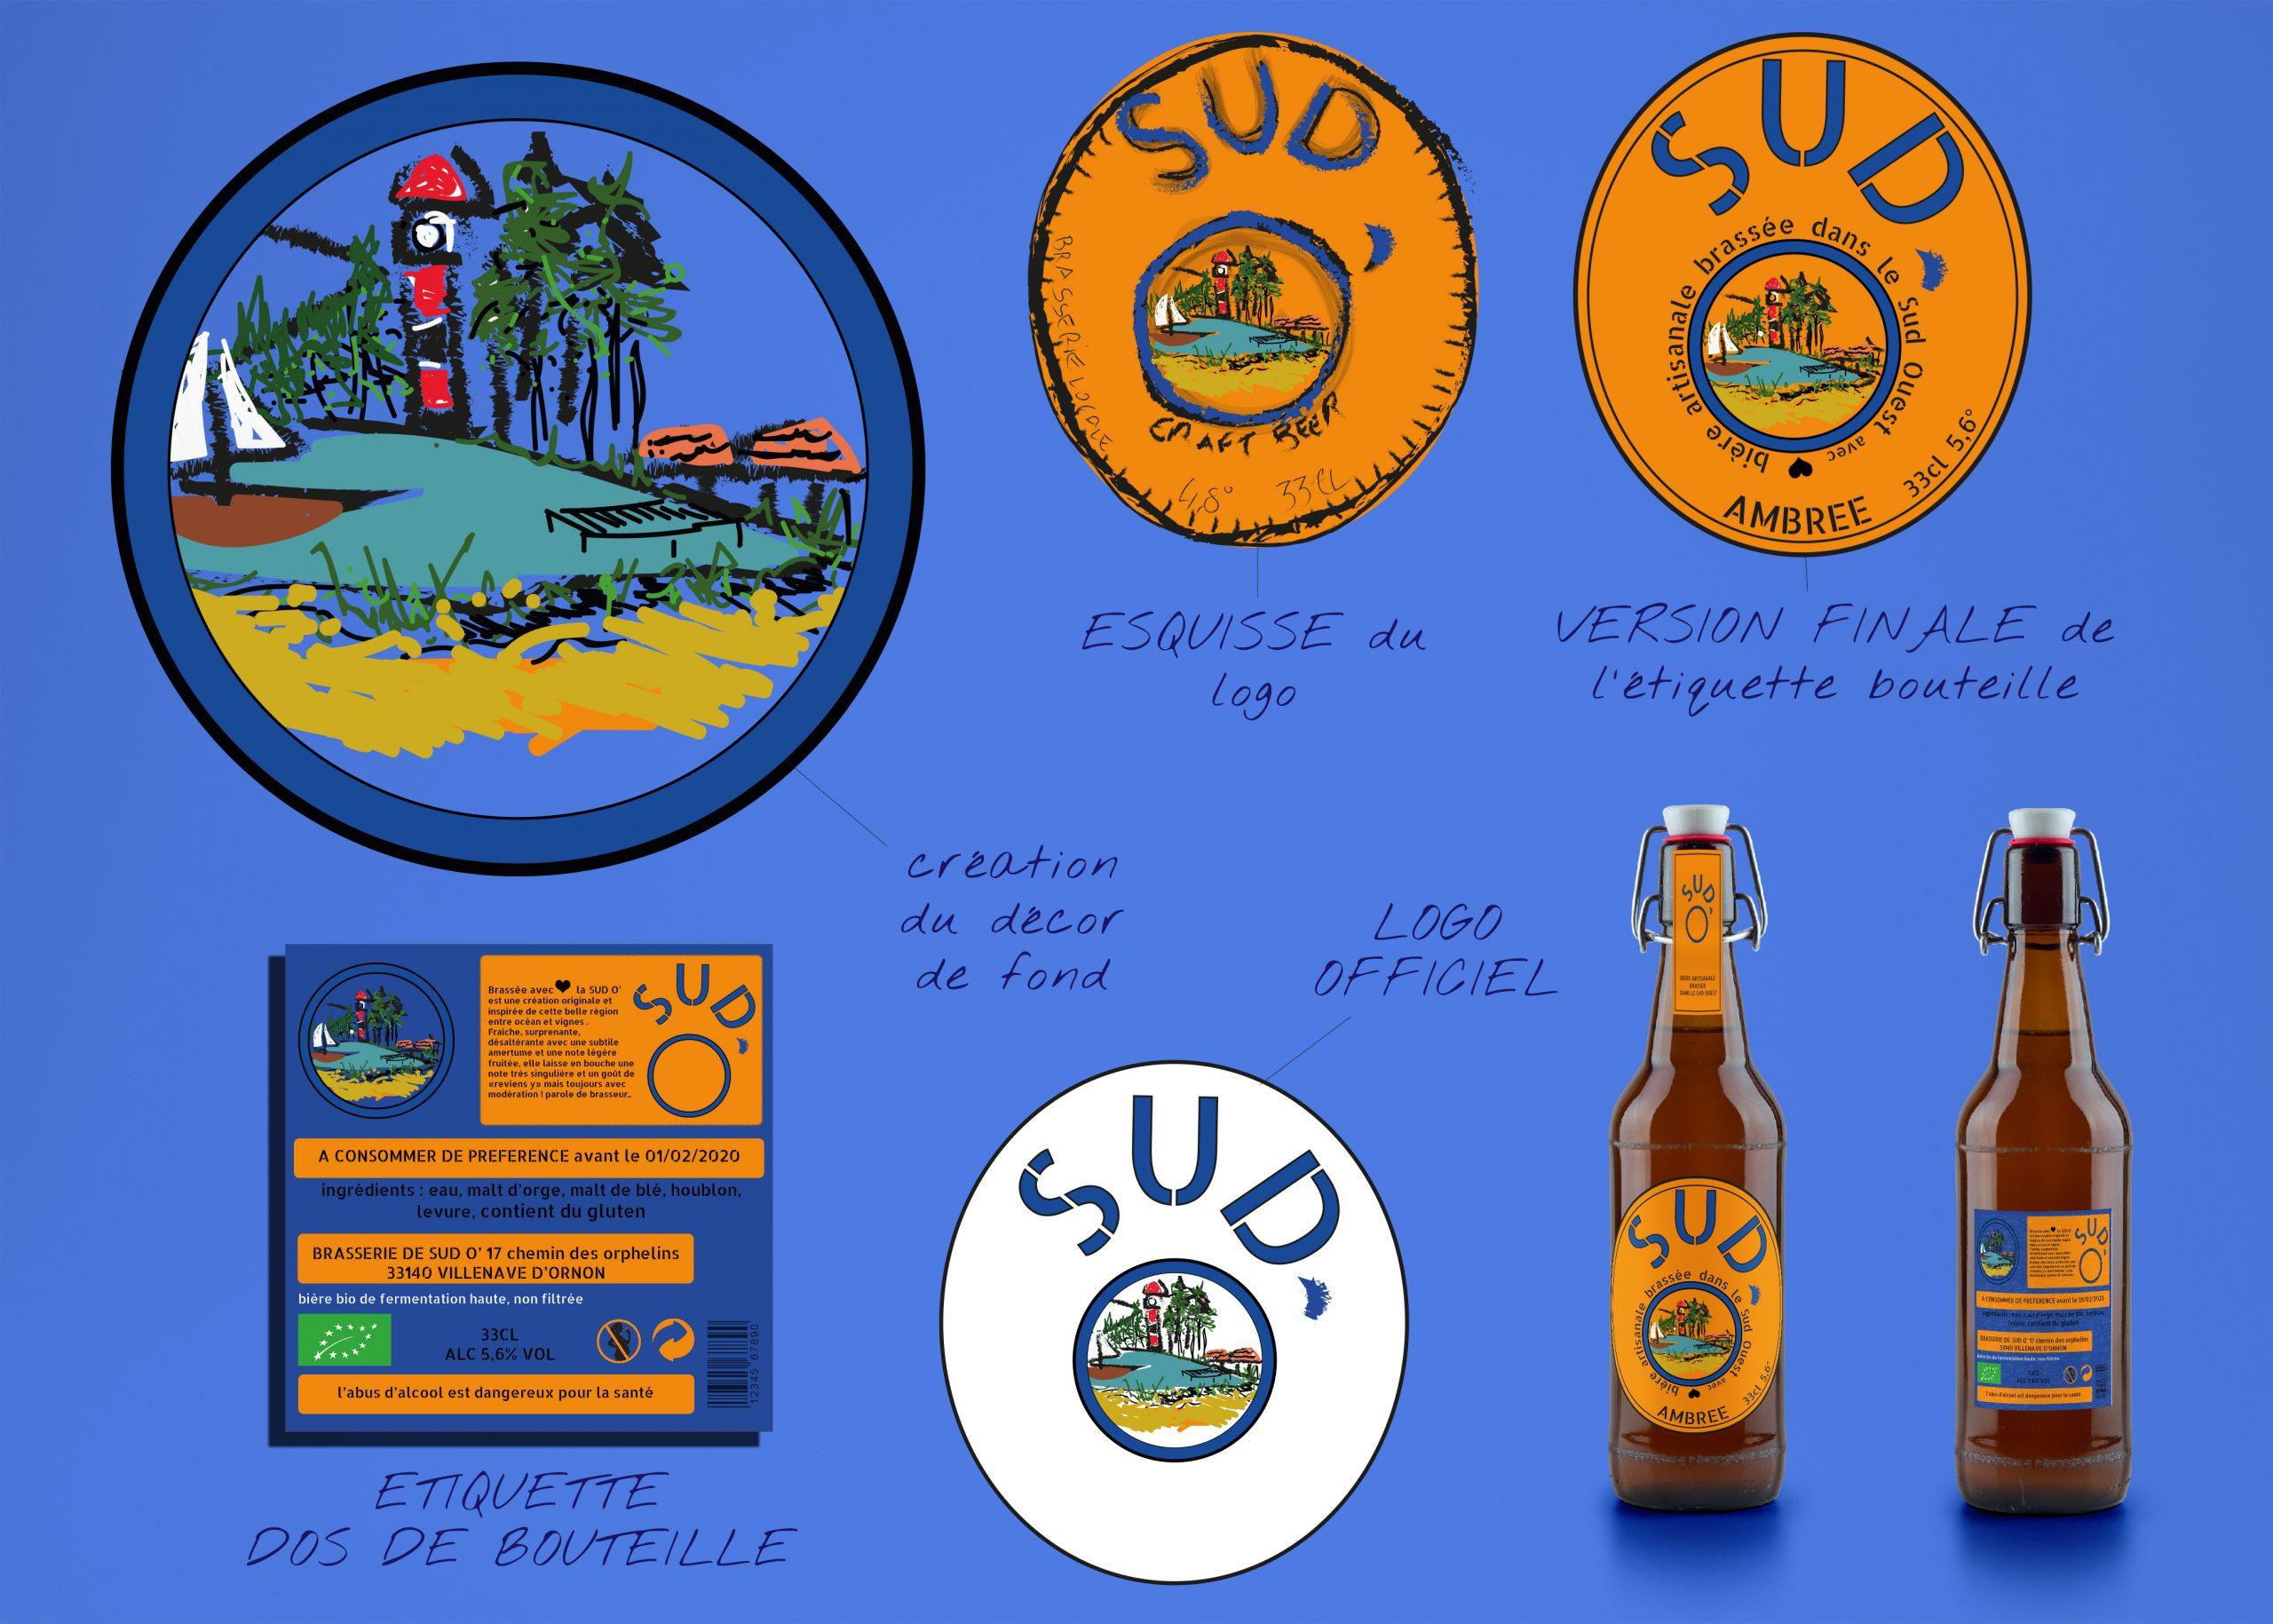 planche explicative création identité visuelle de la marque sud o' logo et étiquettes